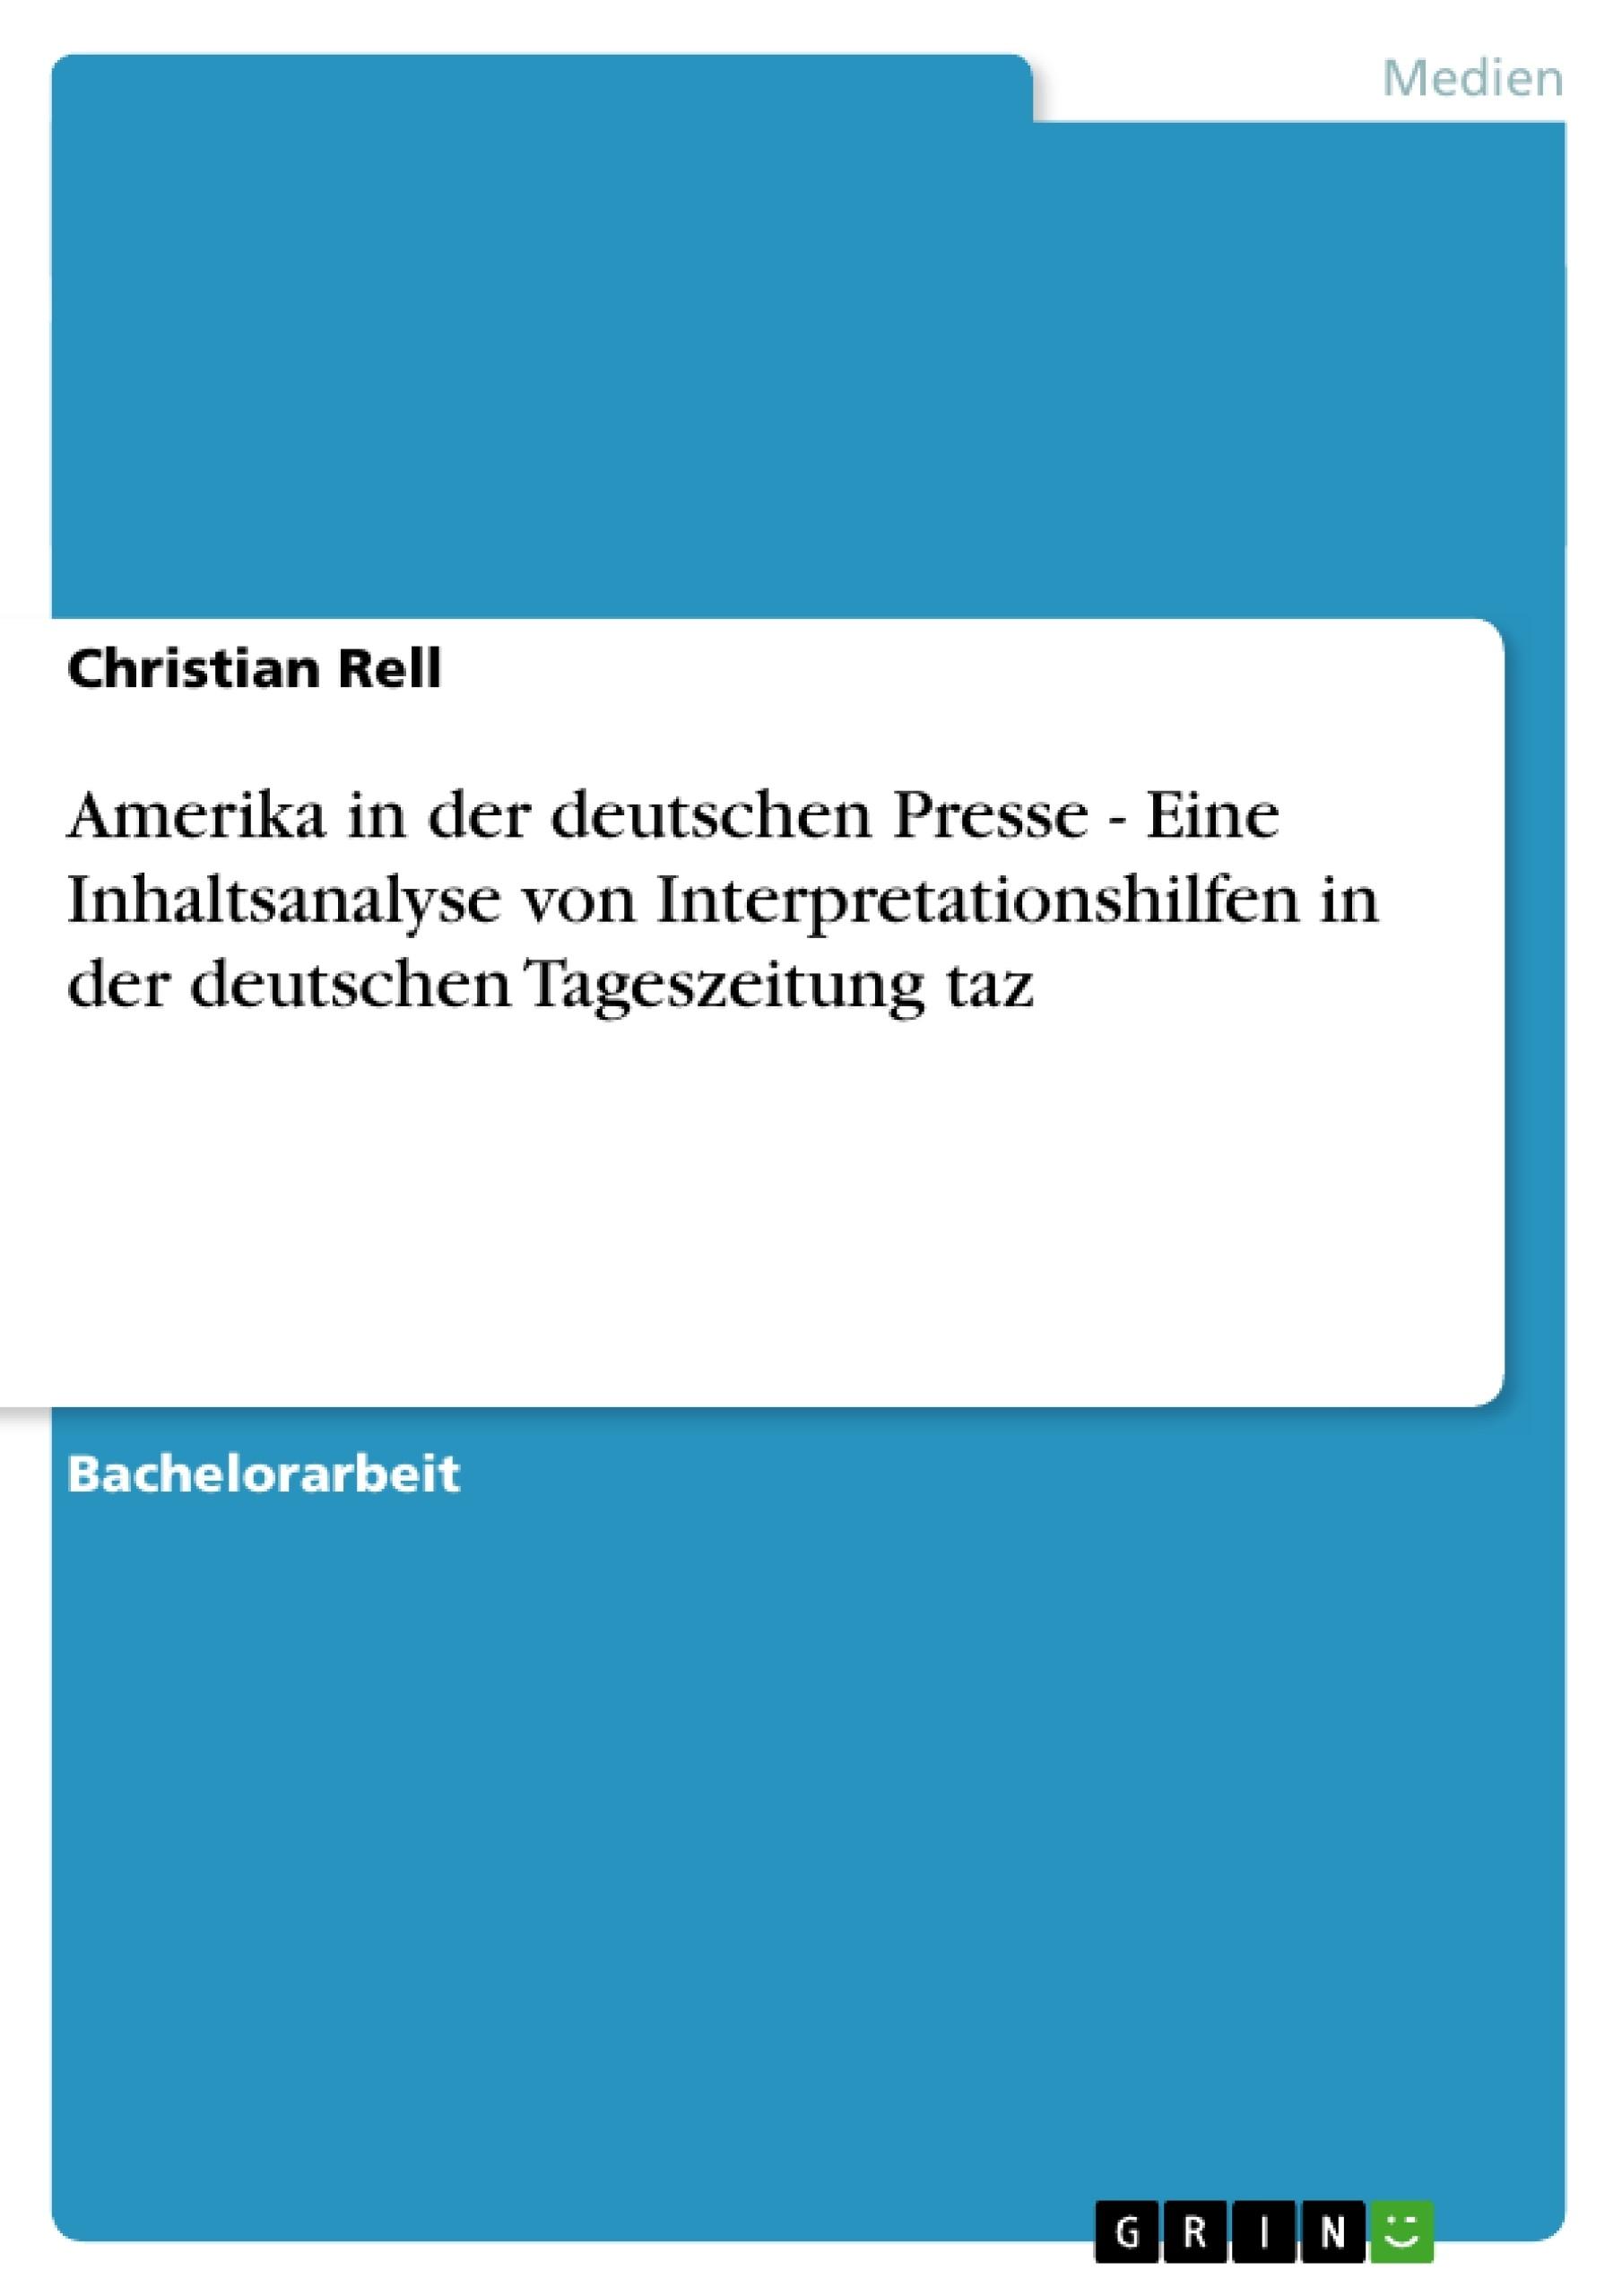 Titel: Amerika in der deutschen Presse -  Eine Inhaltsanalyse von Interpretationshilfen in der deutschen Tageszeitung taz